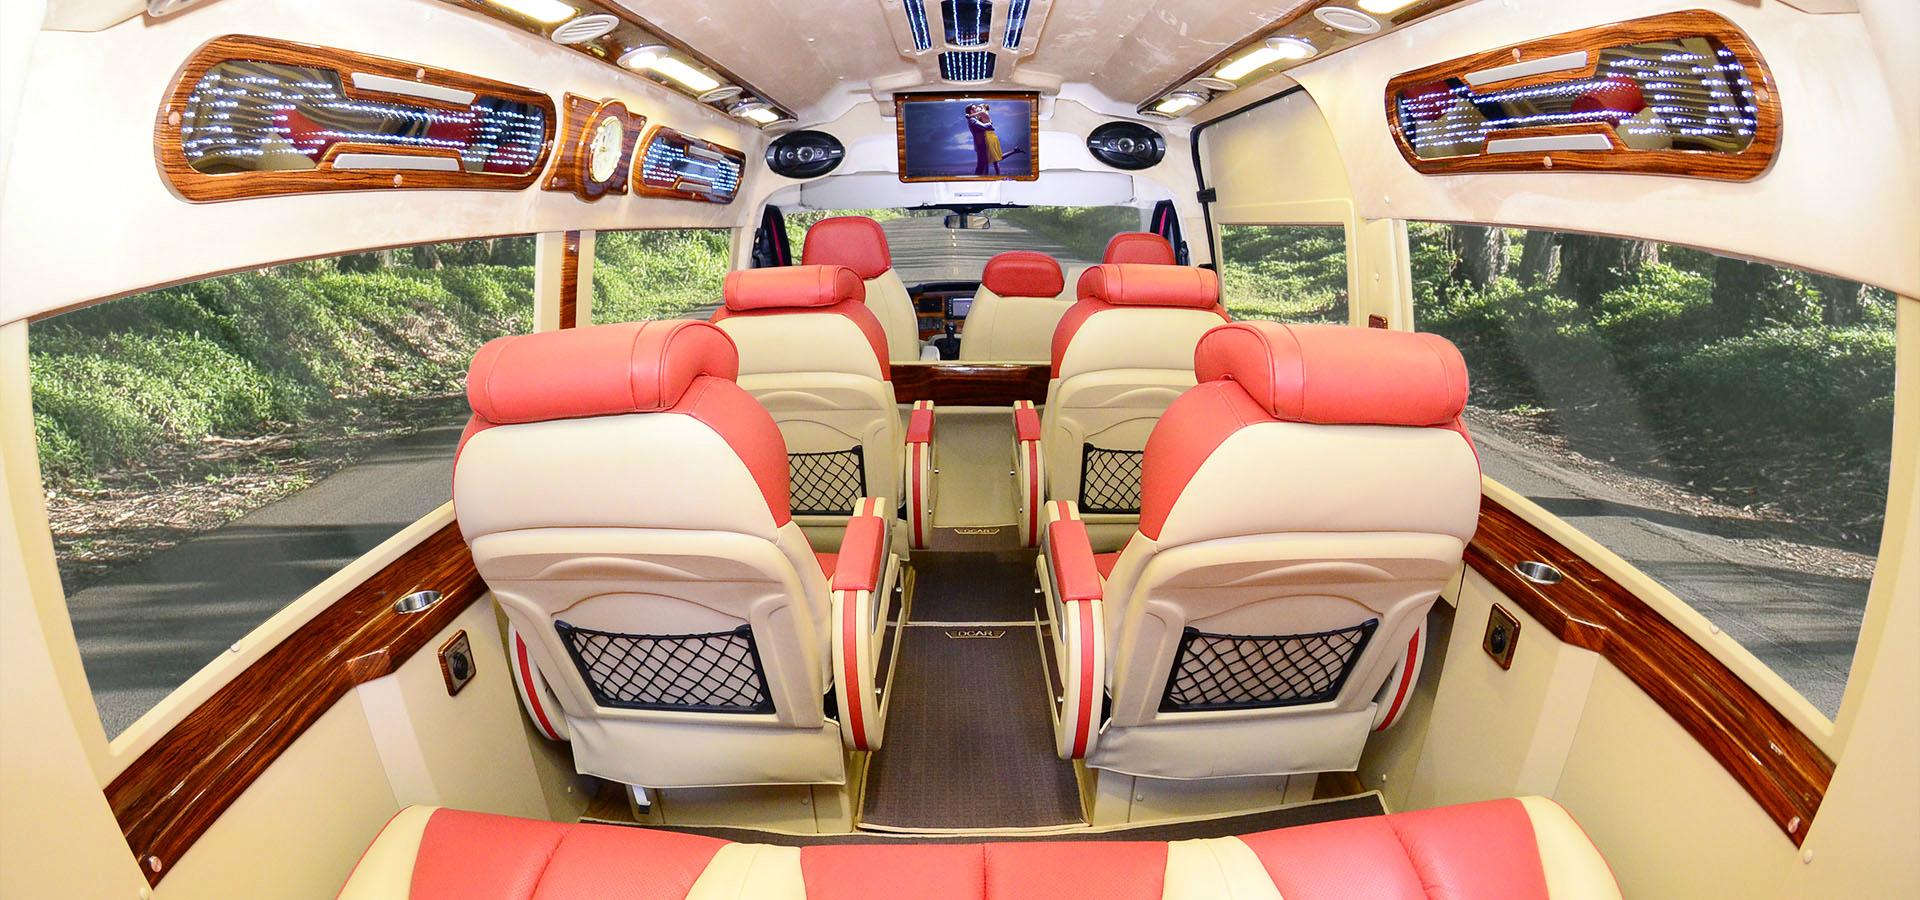 Transit-DCar-Limo - VNLC